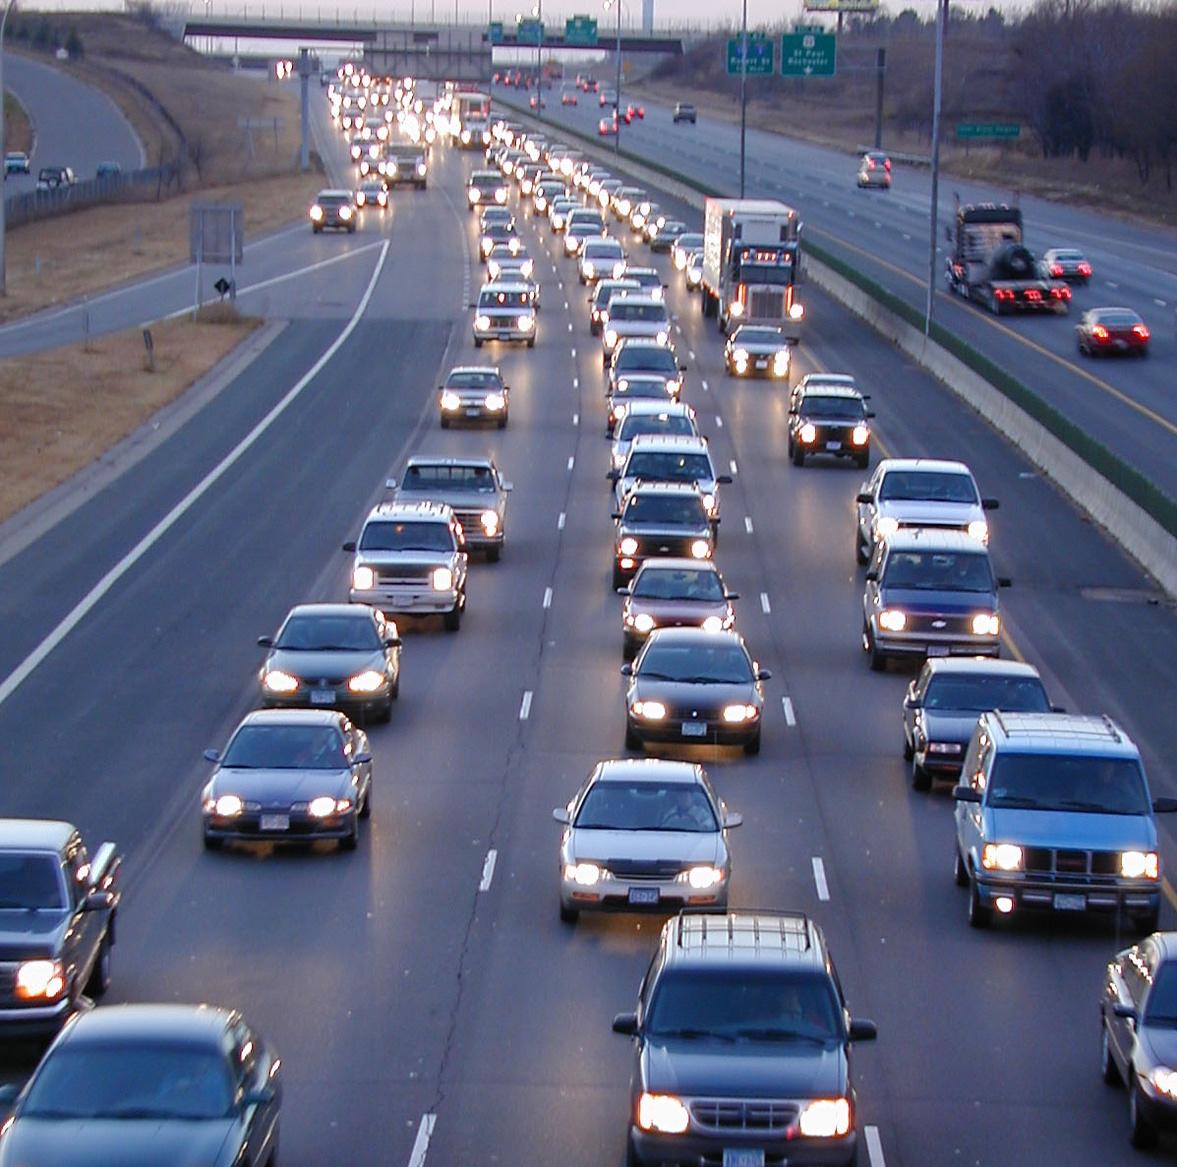 peajes-electricos-3m-seguridad-automoviles